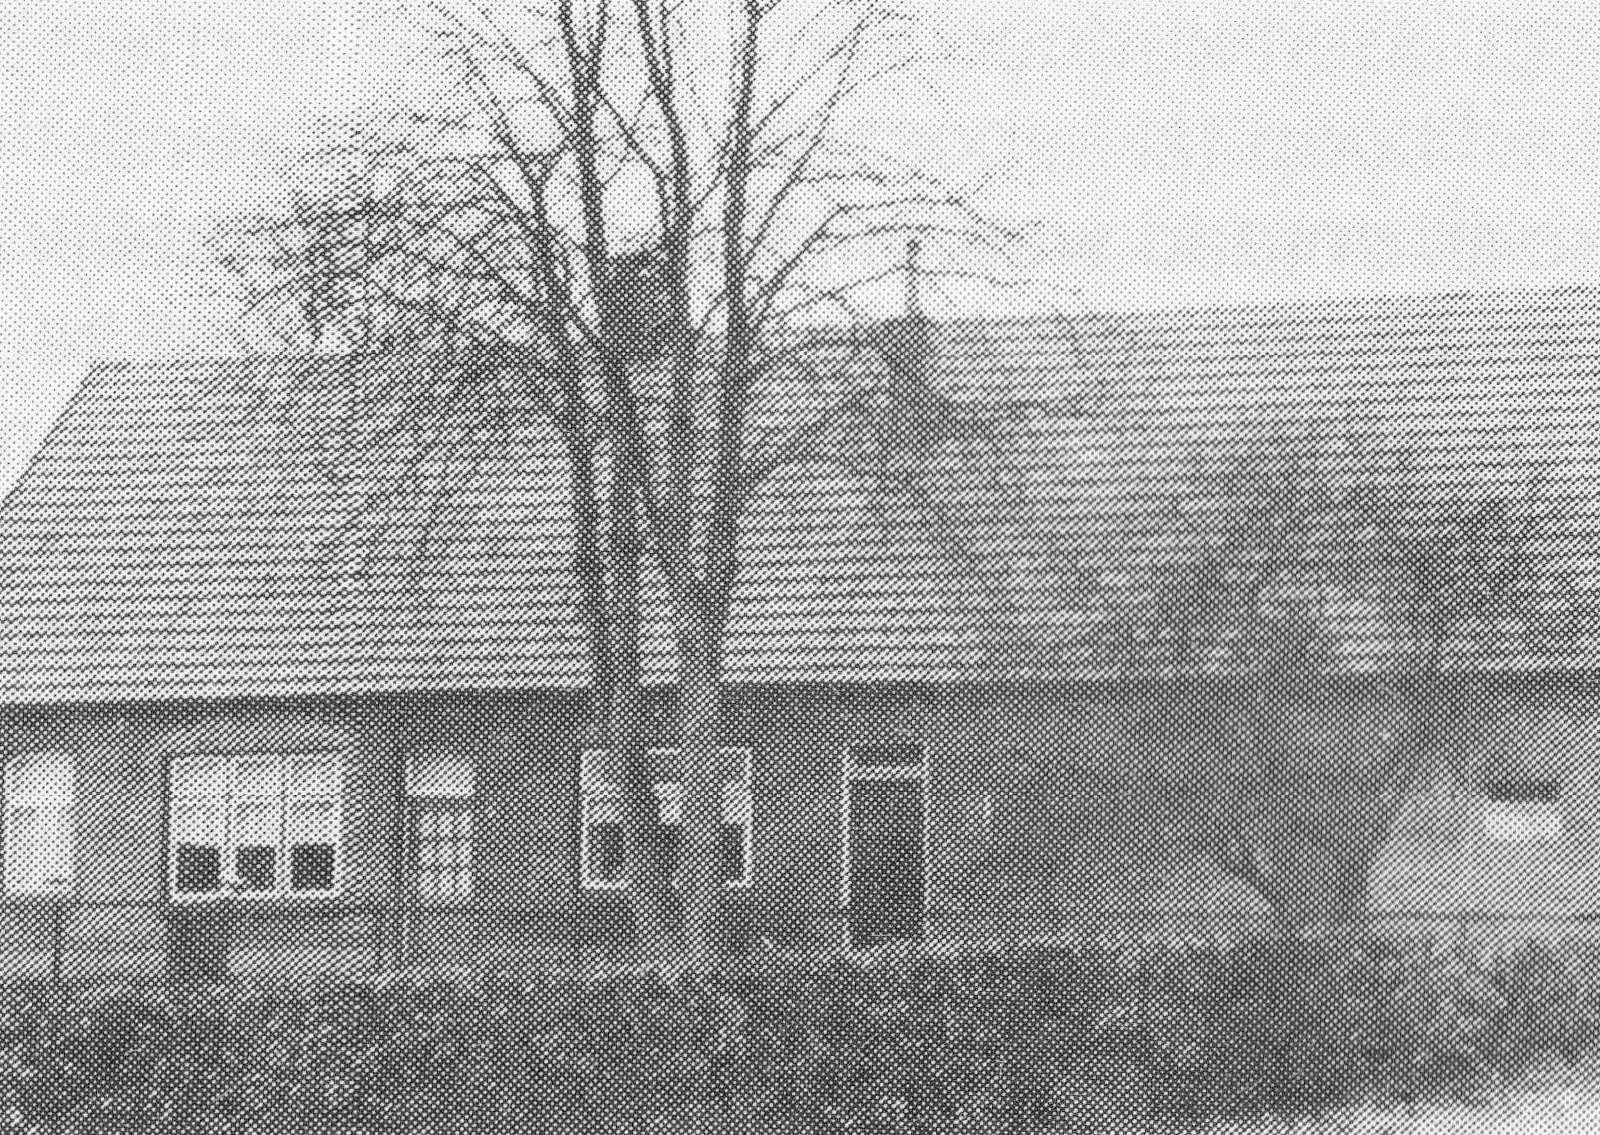 Boerderij Kokkeler nabij de grens na verbouw 1957